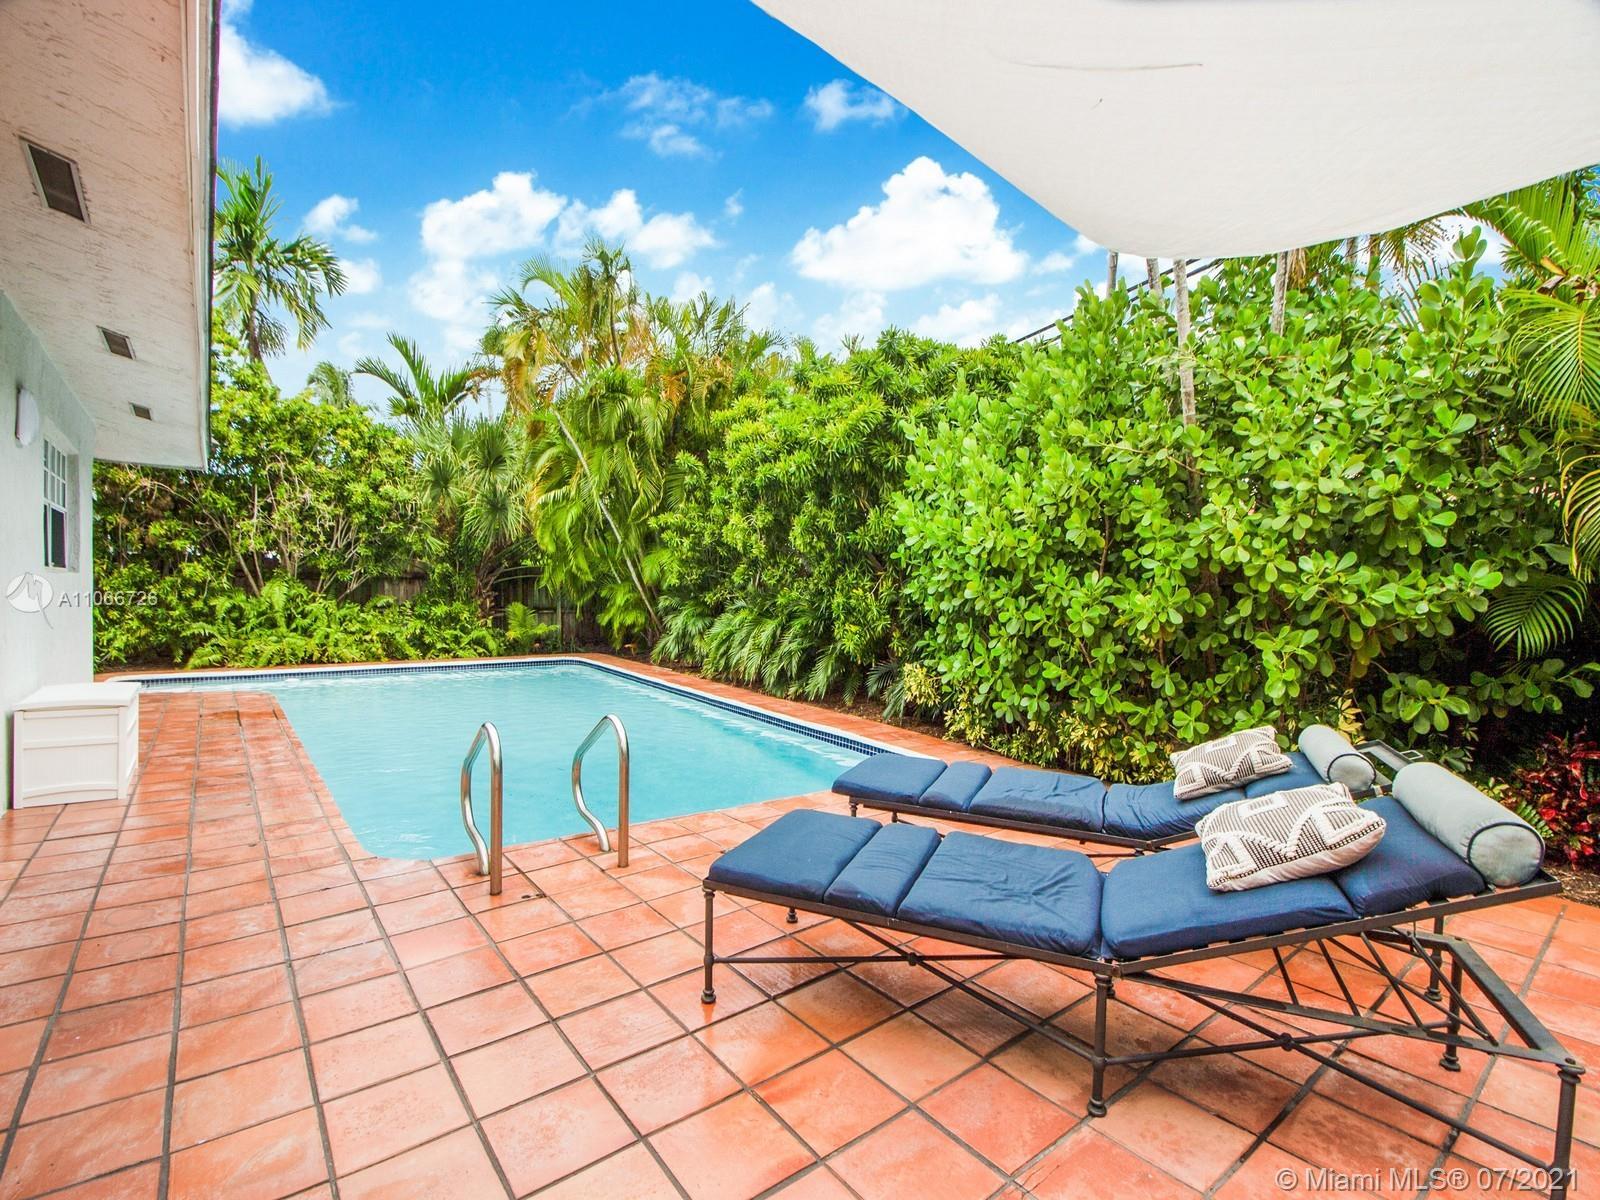 Tropical Isle Homes # - 20 - photo